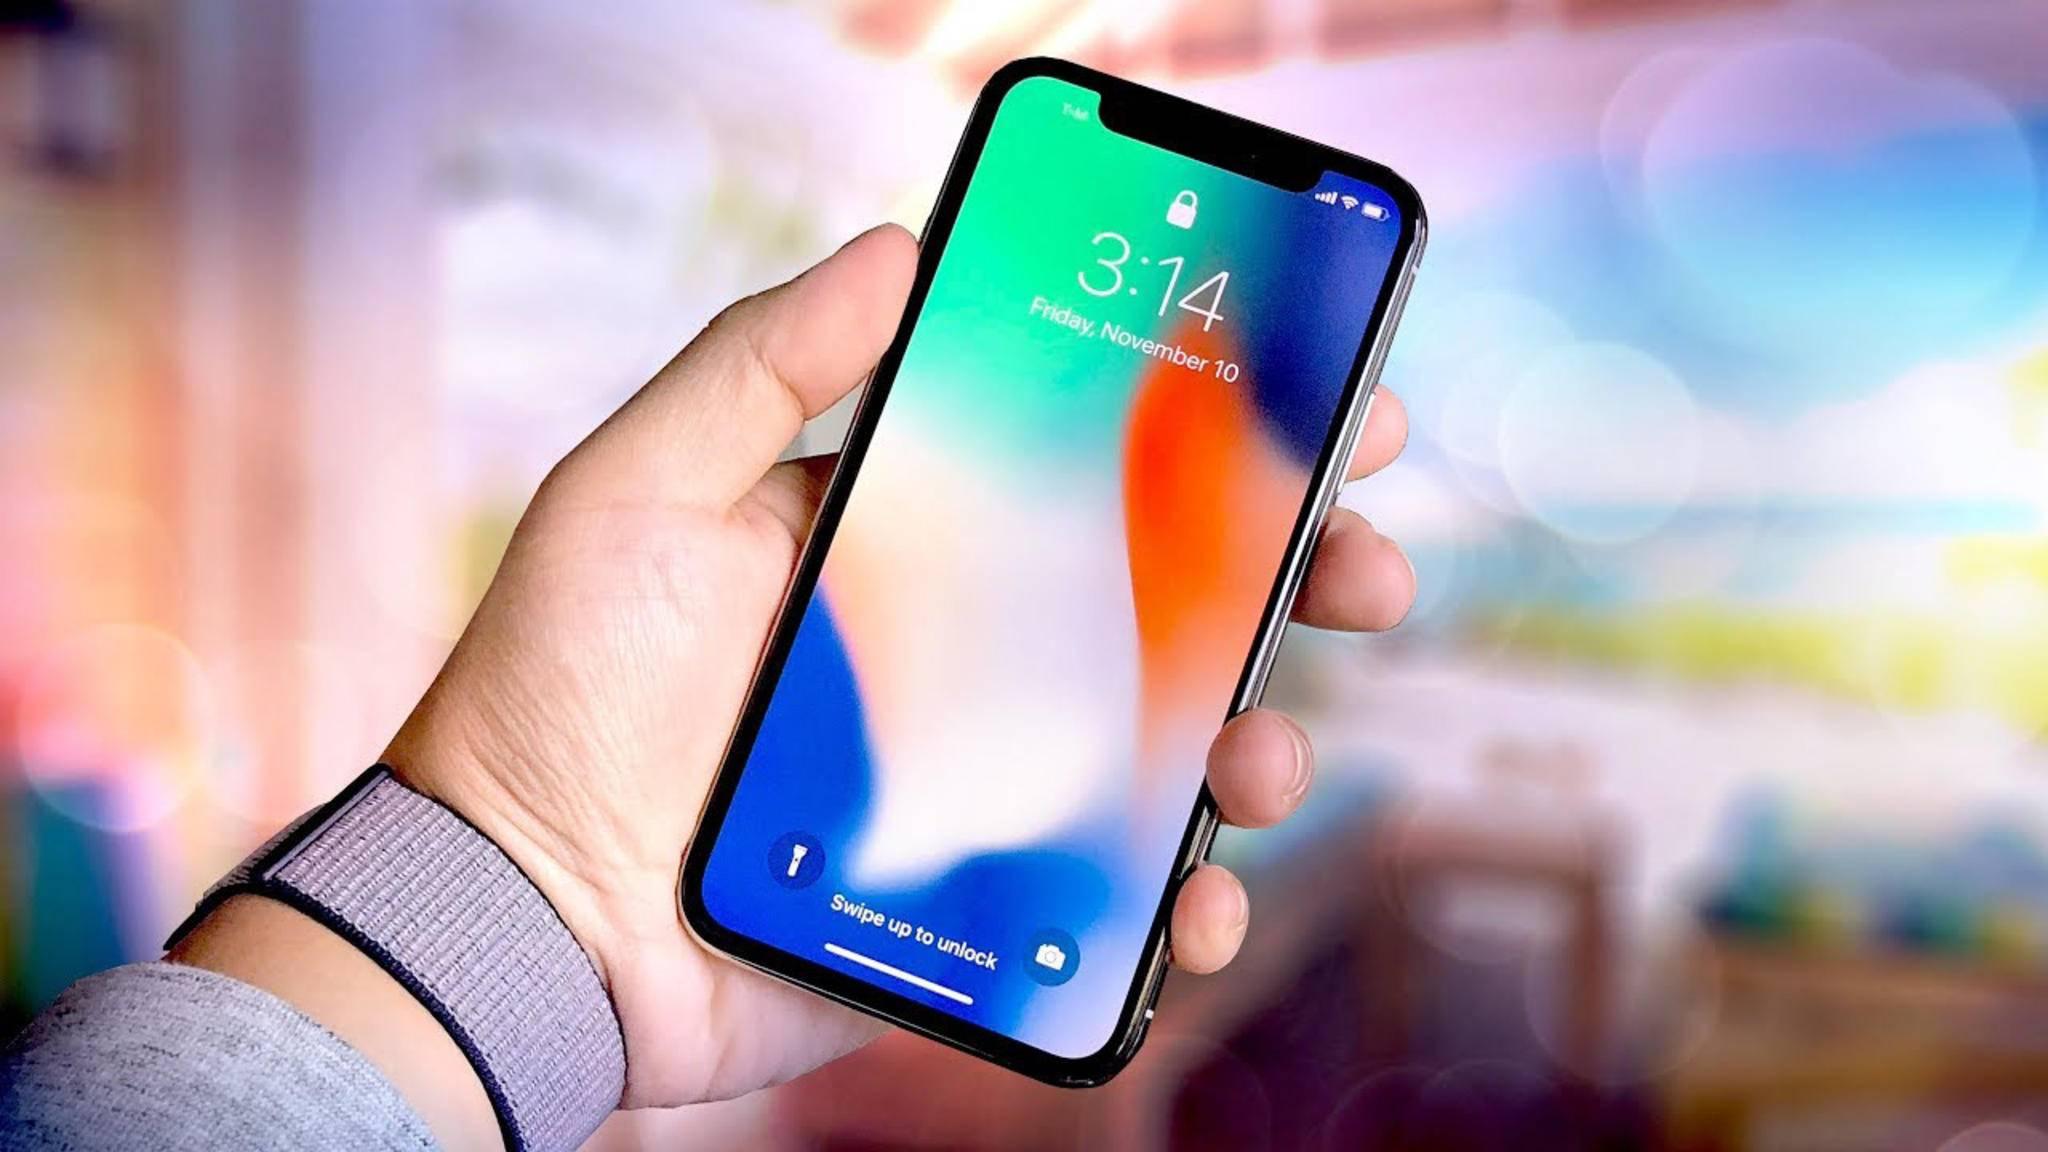 Der Bildschirm des iPhones dreht sich automatisch je nach Ausrichtung. Doch was tun bei Problemen?